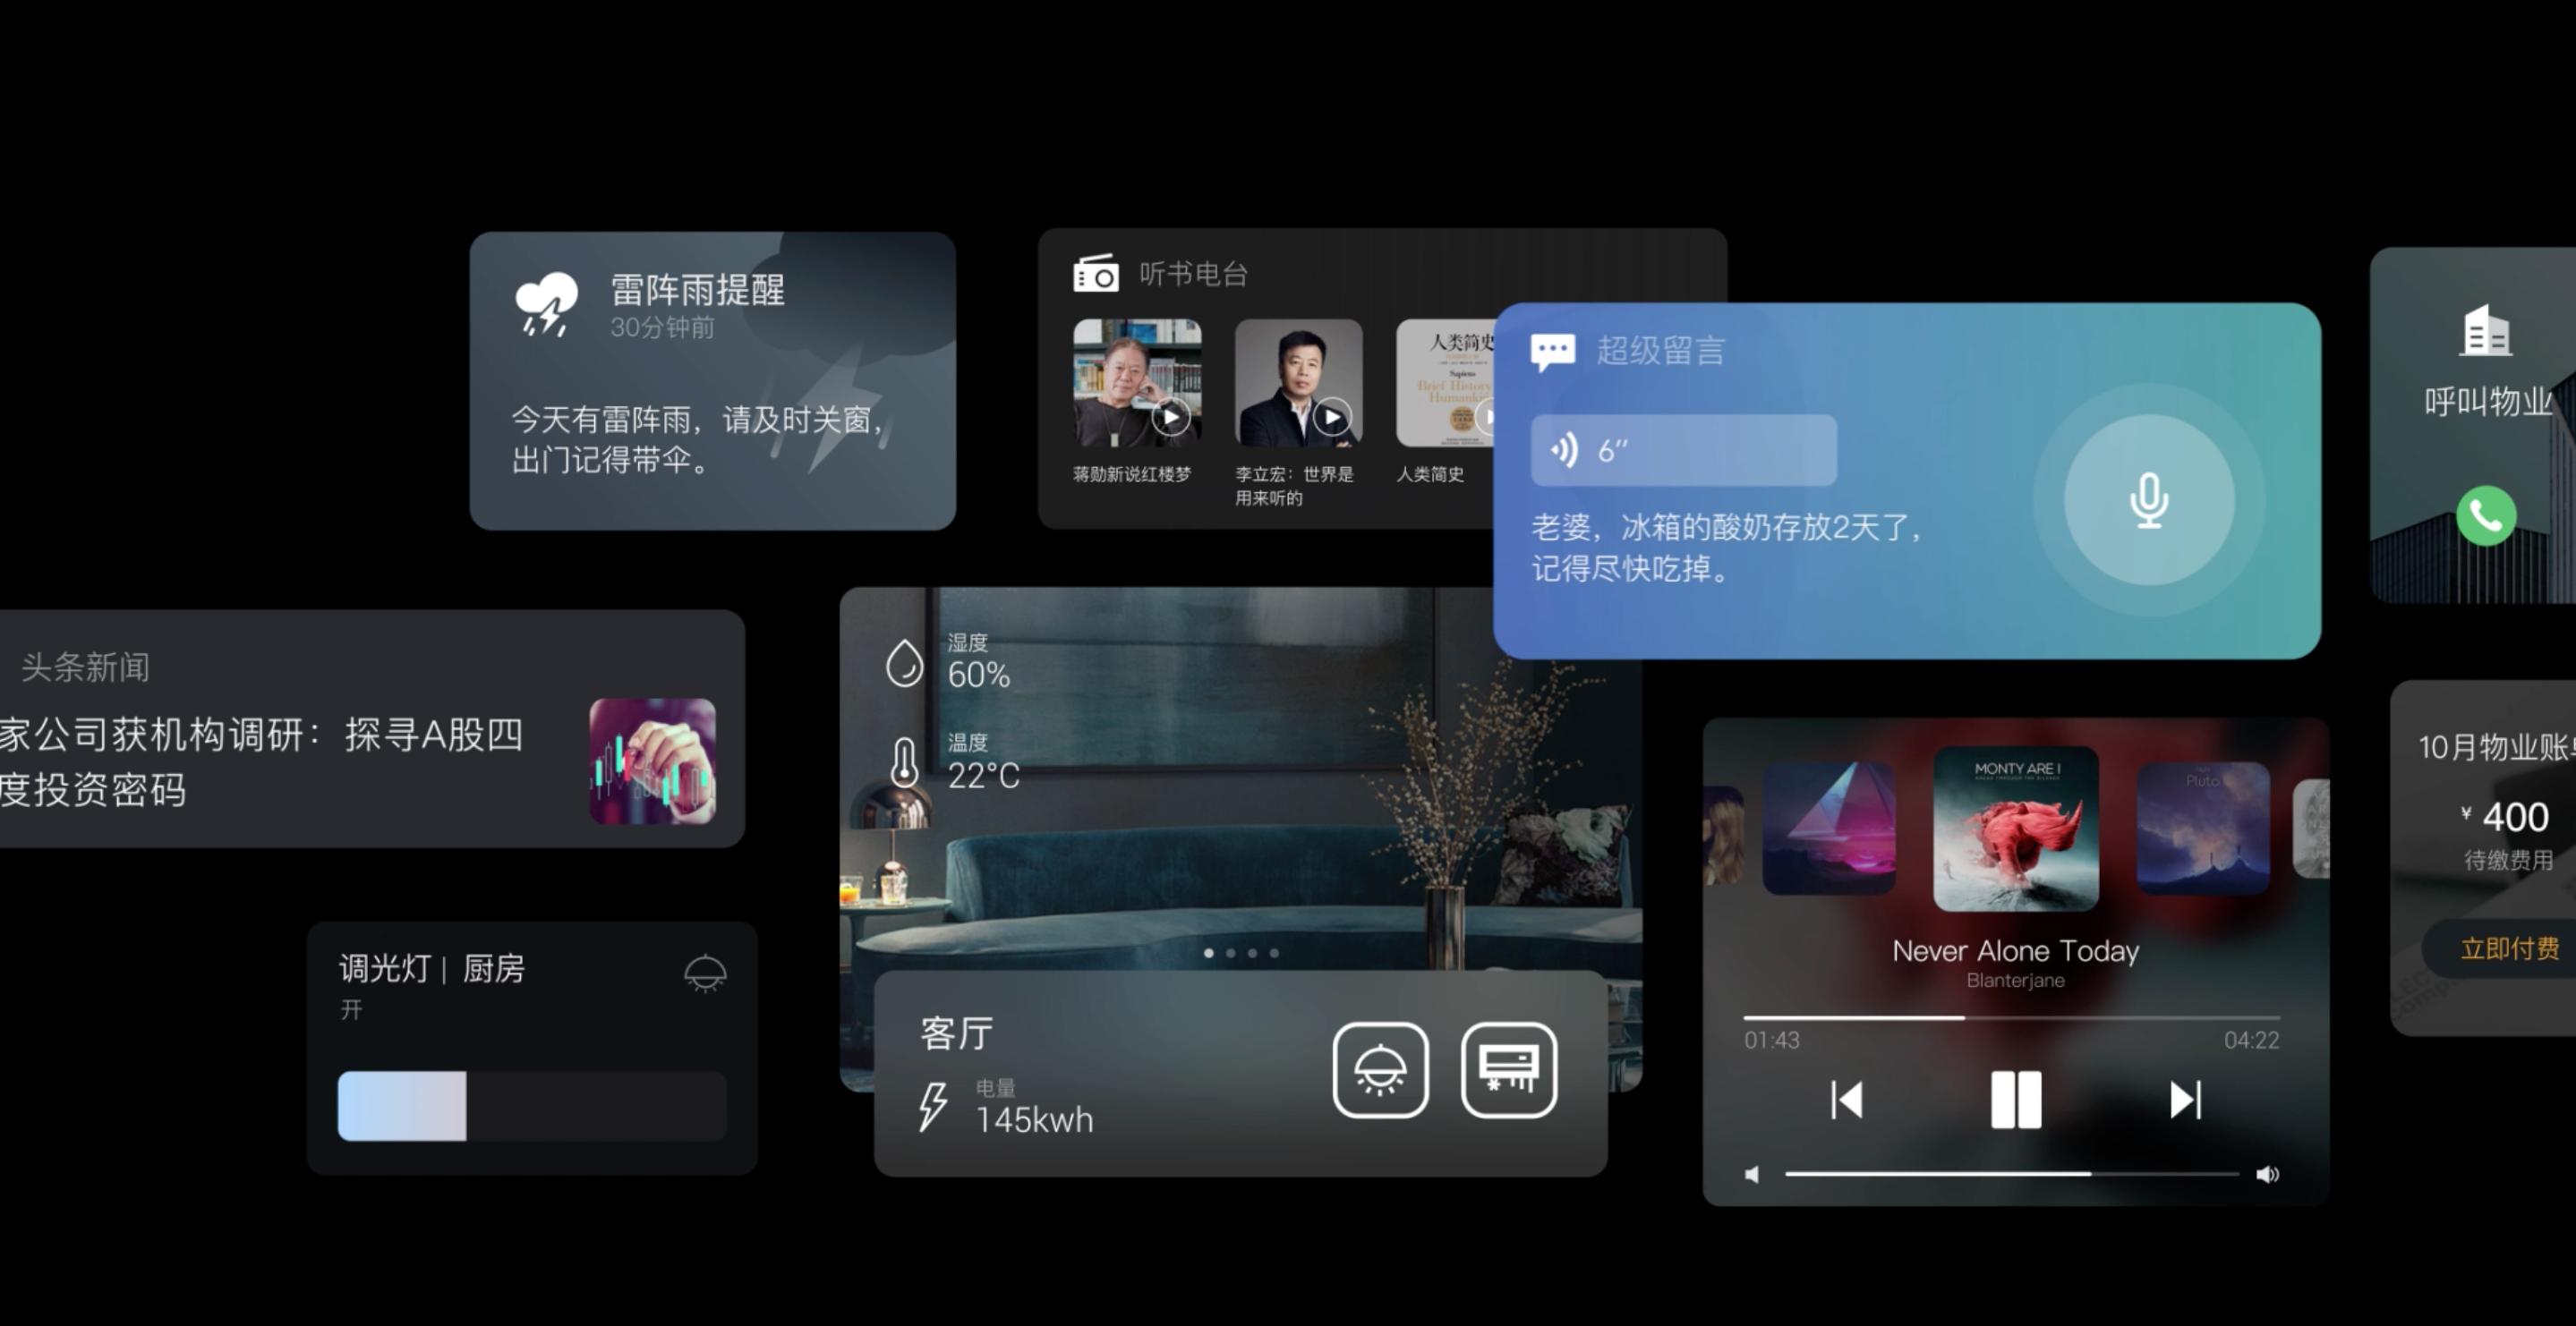 欧瑞博发布全景屏智能中控面板MixPad X